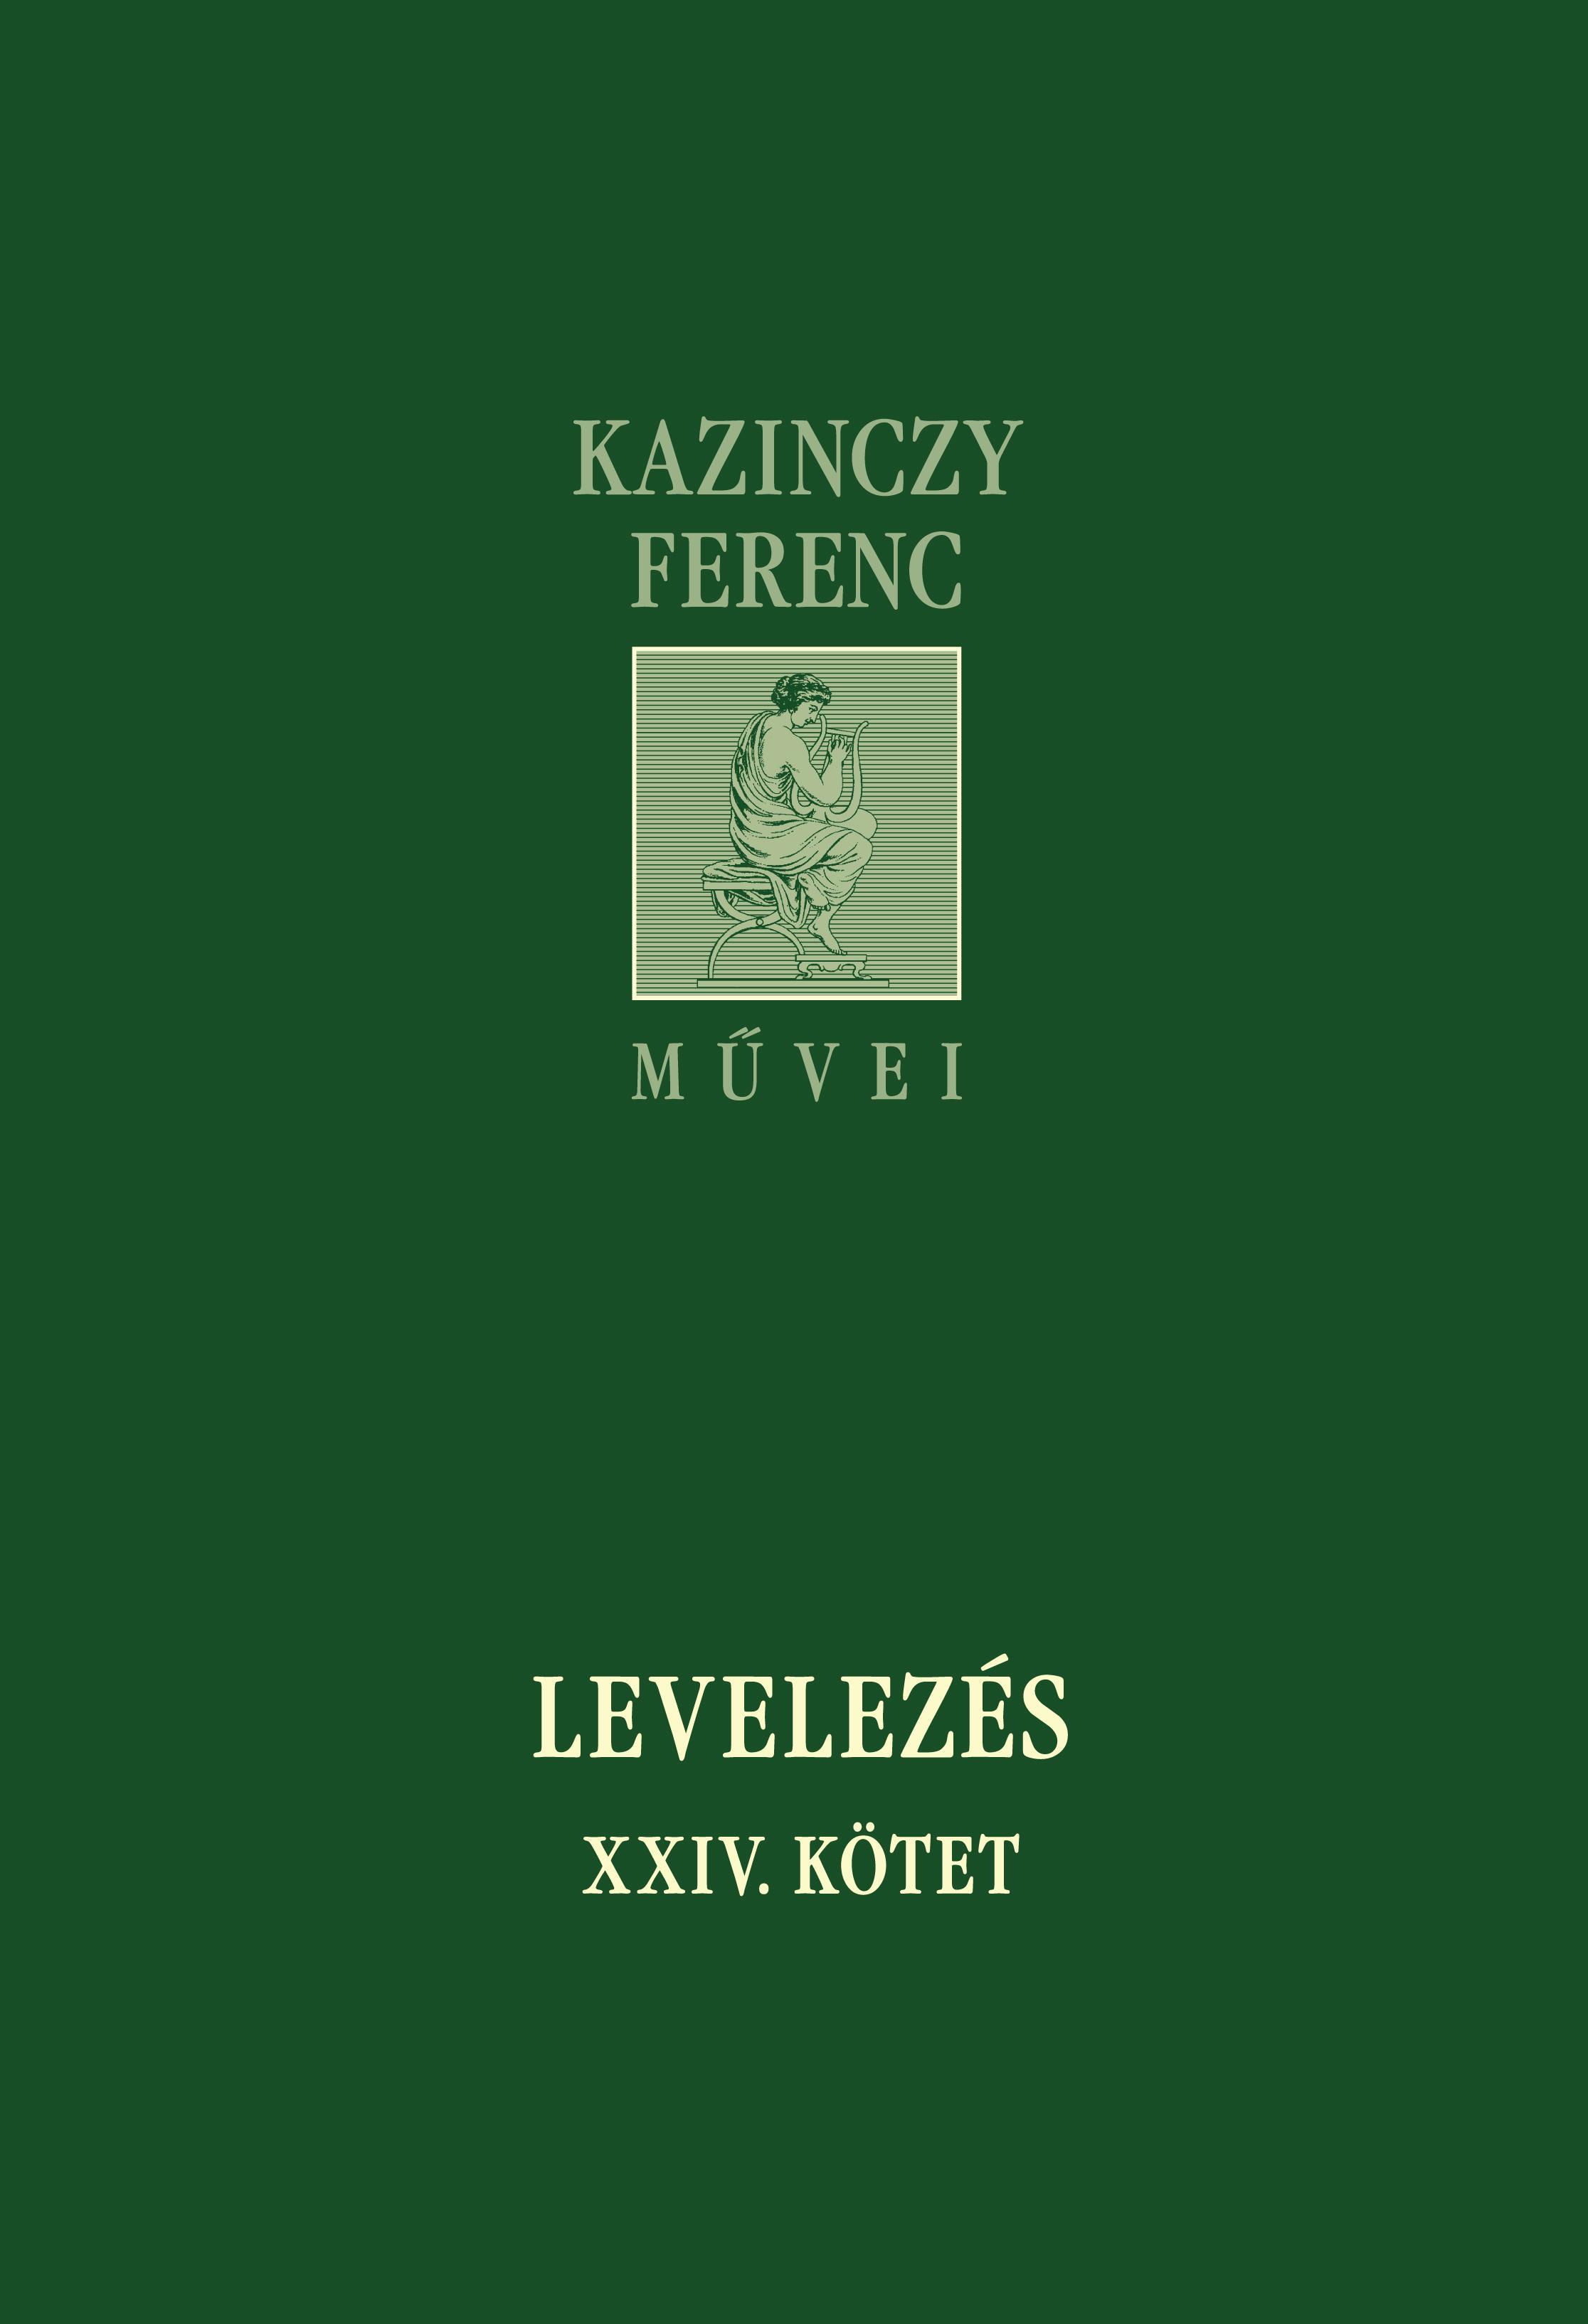 LEVELEZÉS XXIV. KÖTET - KAZINCZY FERENC MŰVEI